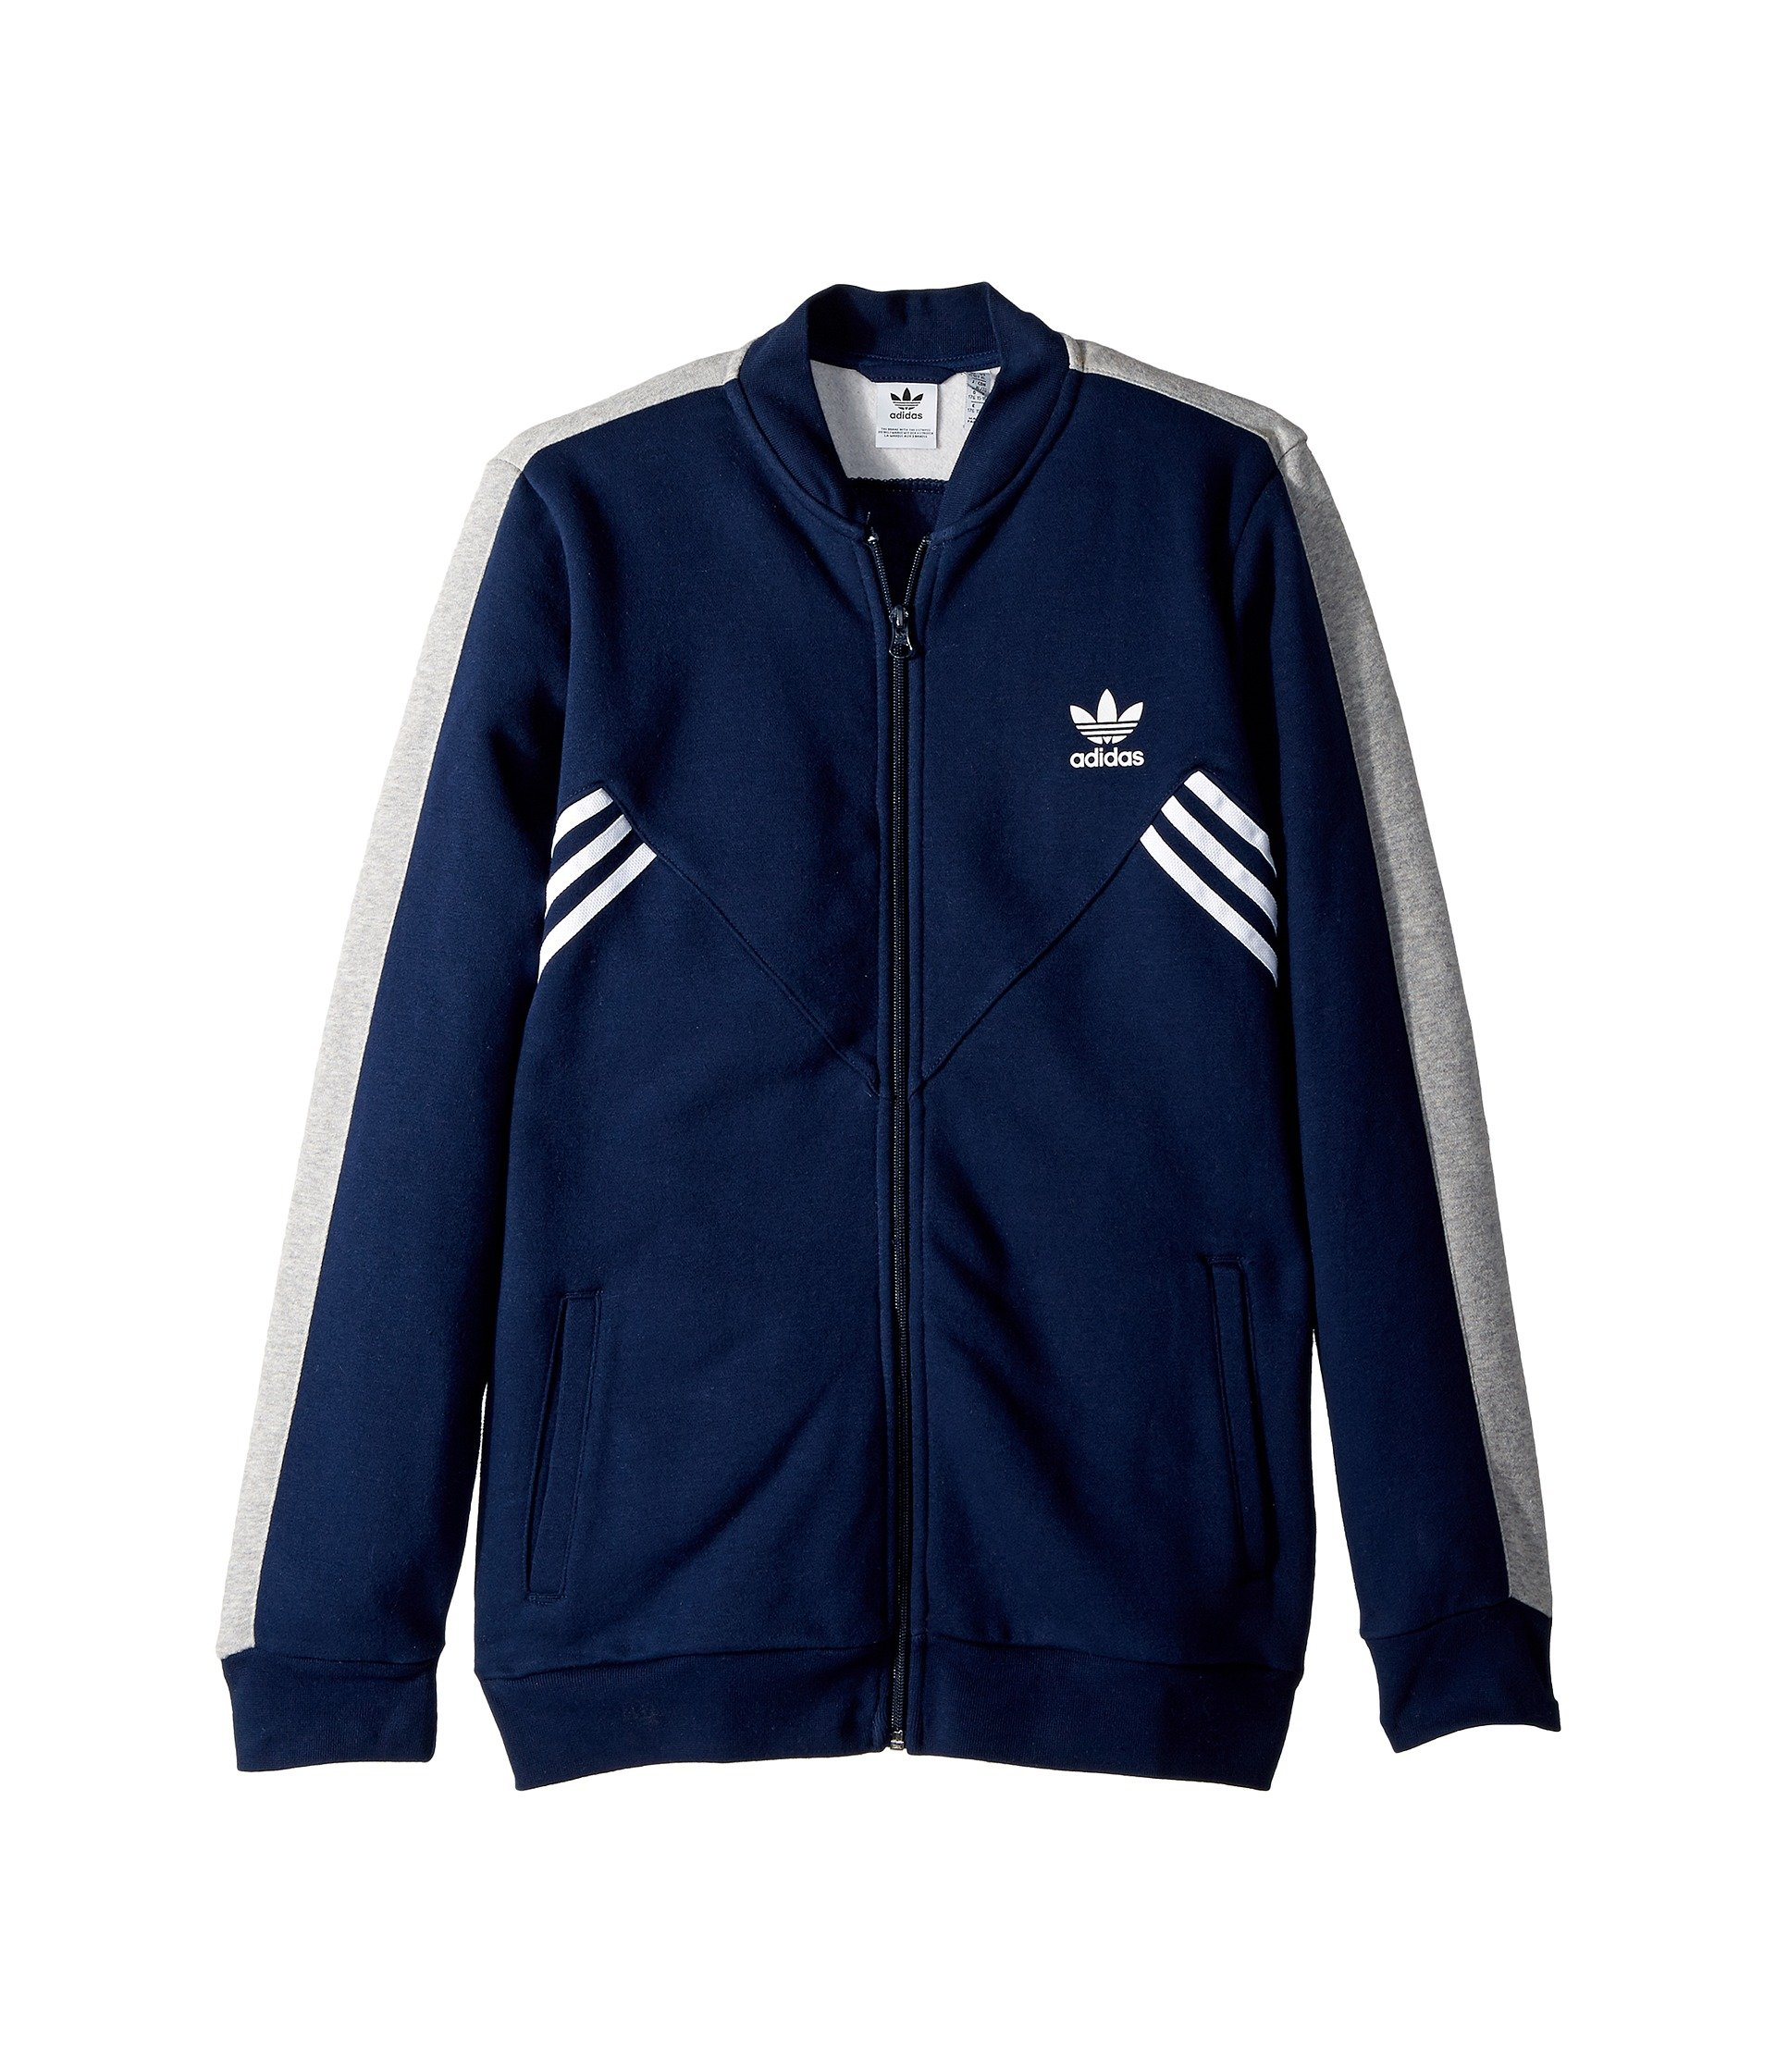 adidas Originals Kids Boy's Zigzag Track Jacket (Little Kids/Big Kids) Collegiate Navy/Medium Grey Heather/White Small